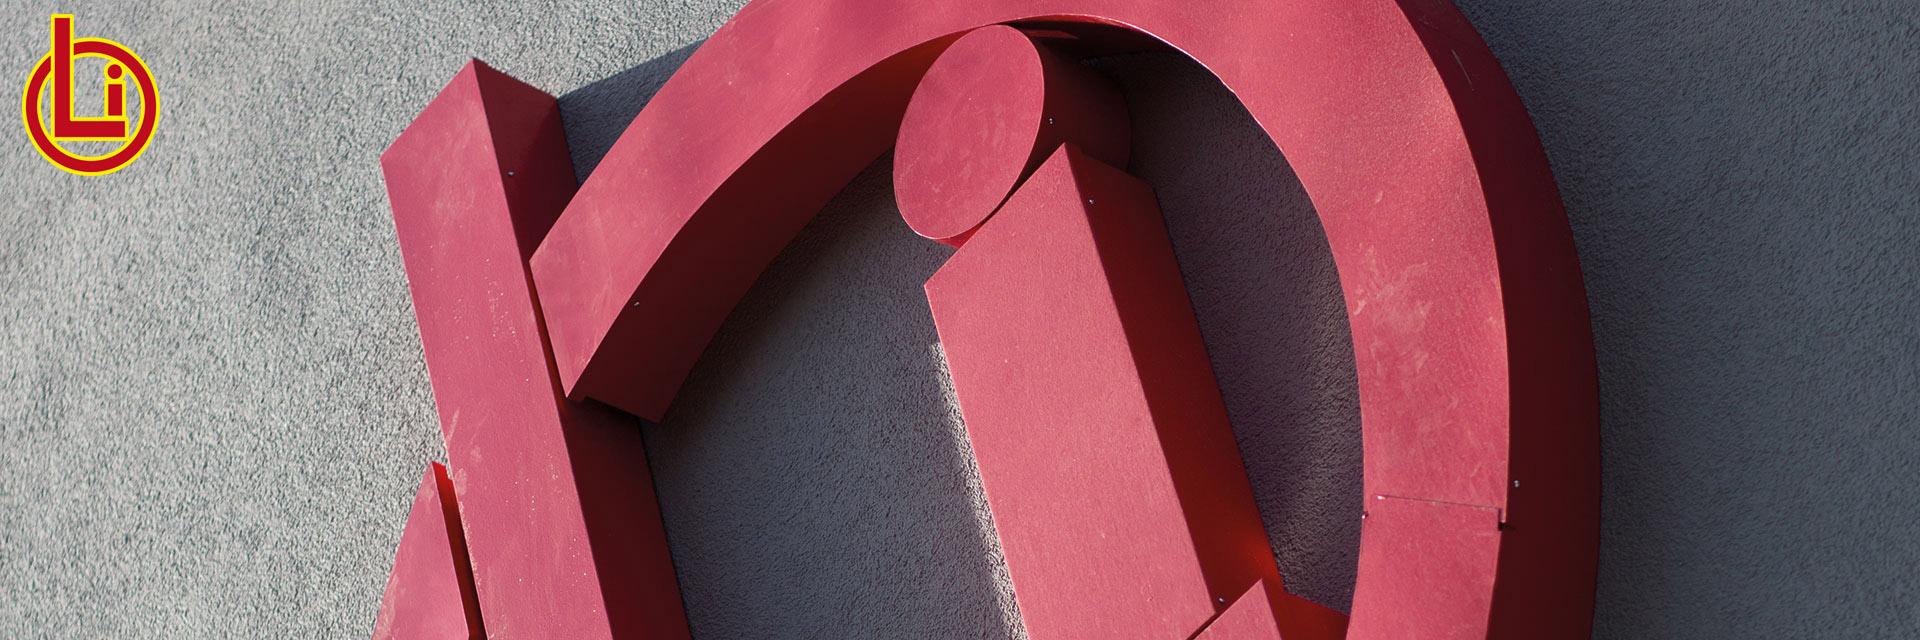 Fassade Oli Lichtspiele Magdeburg